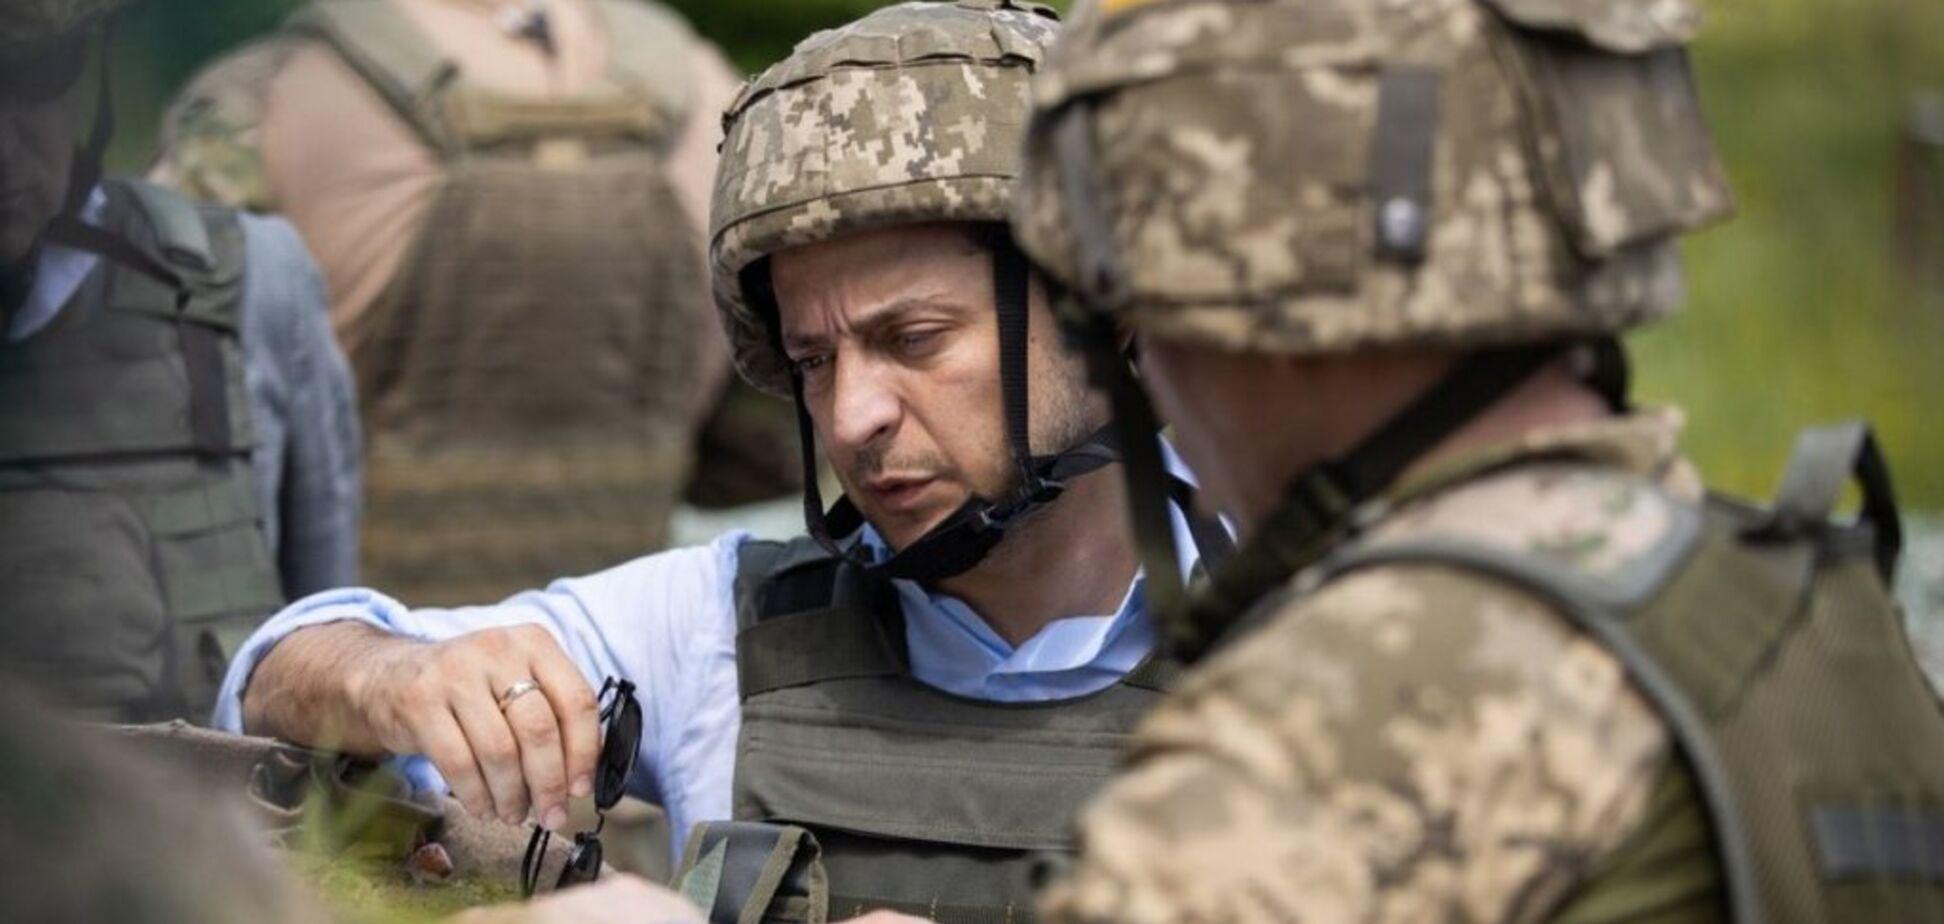 Зеленского зовут в Донецк: волонтер озвучил условие переговоров